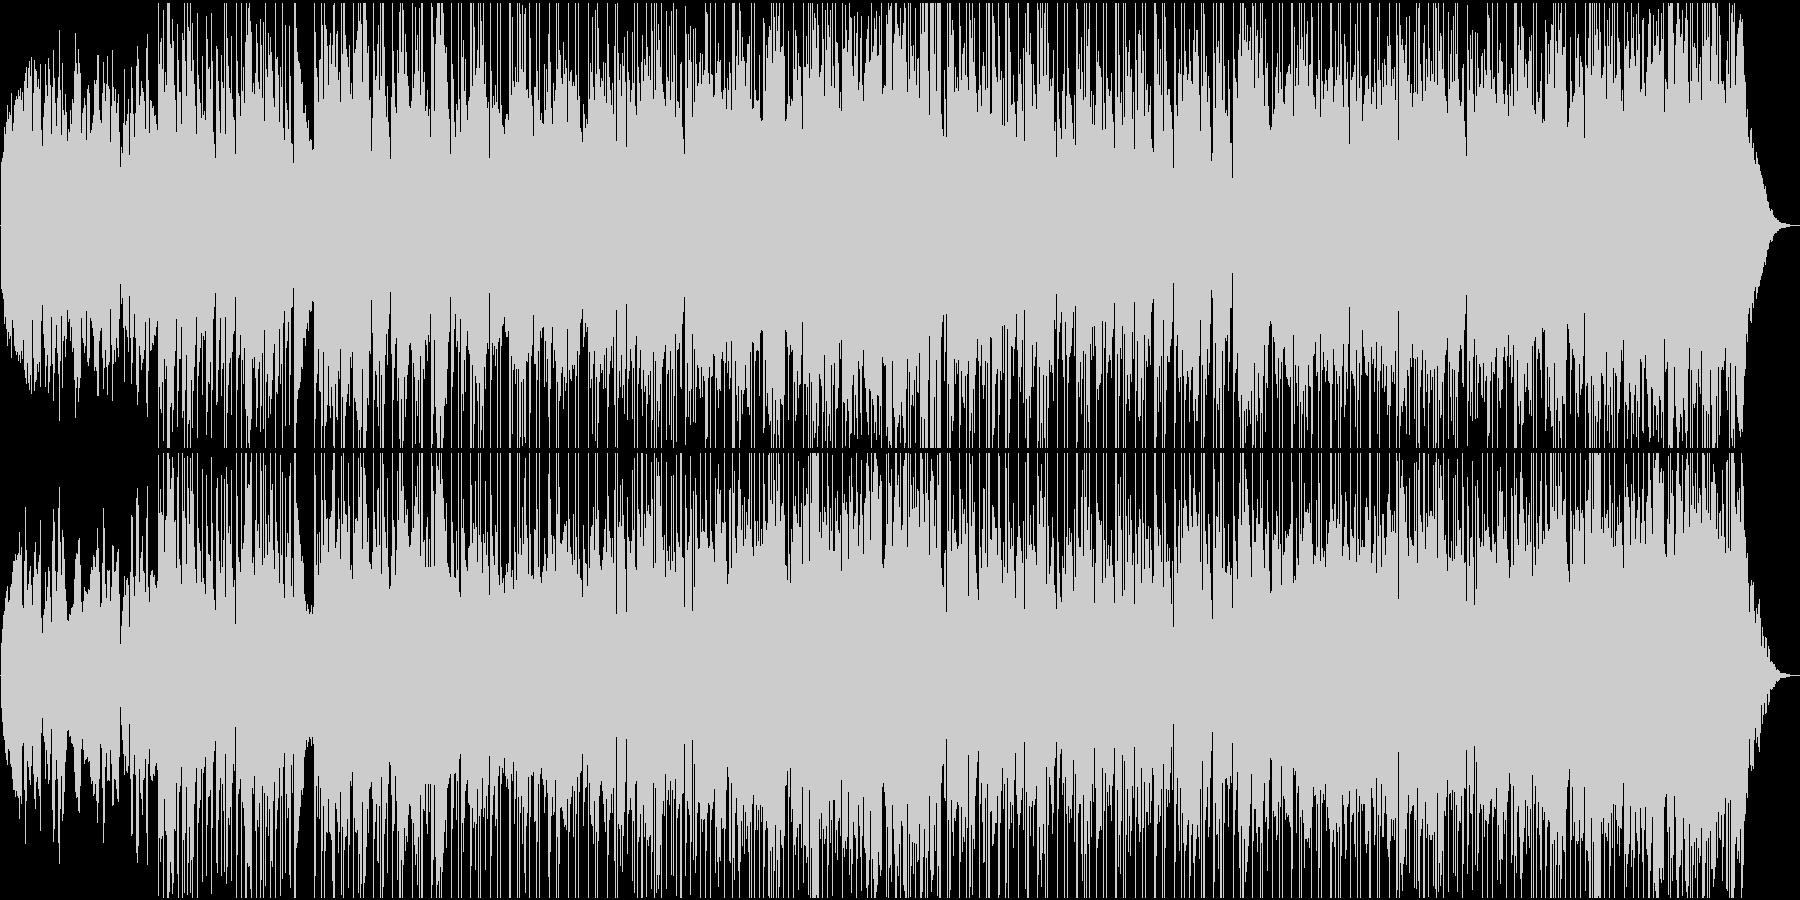 チェロとビオラゆったりカントリー楽曲の未再生の波形